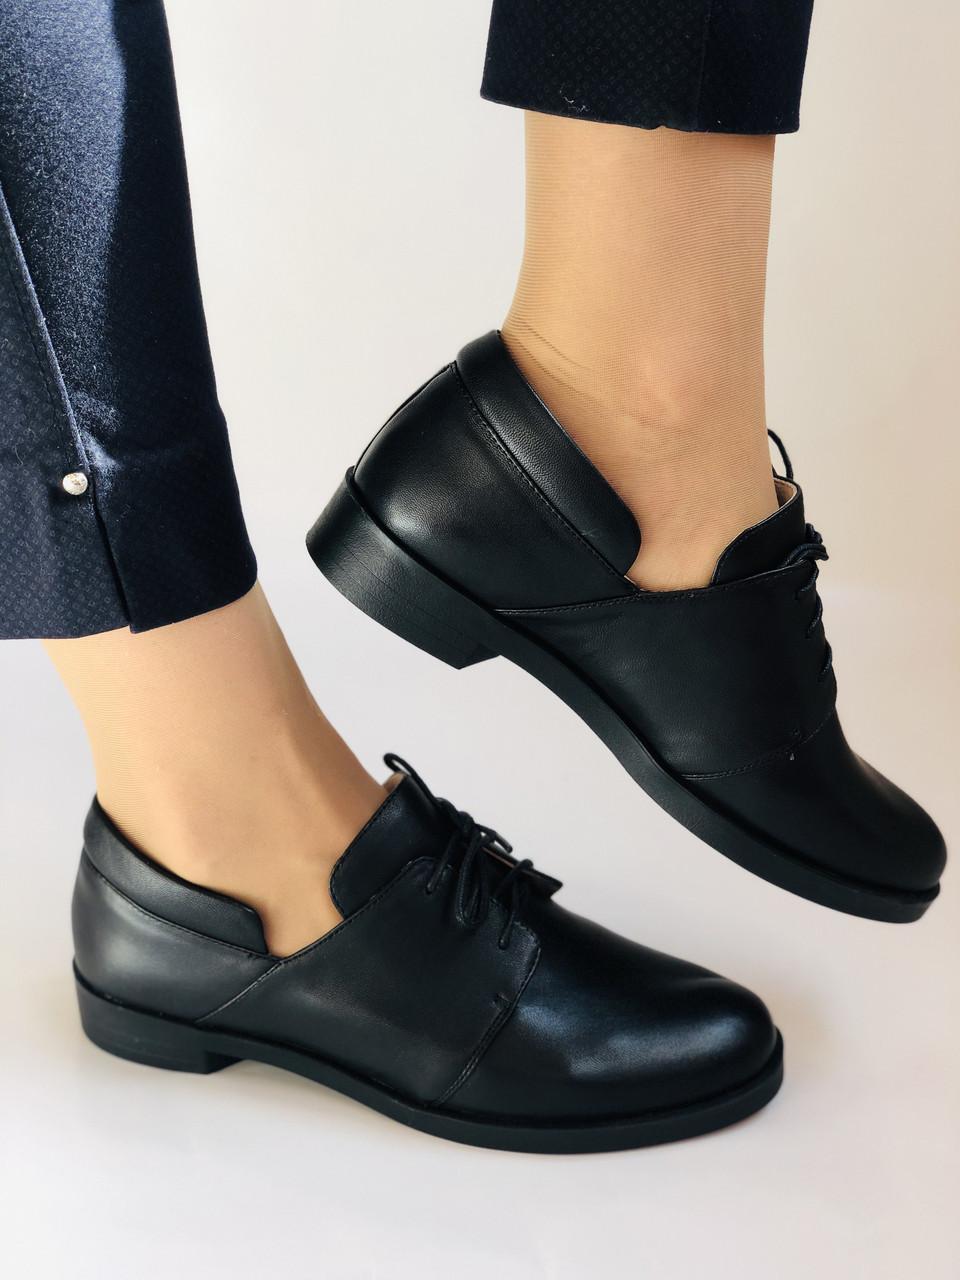 Стильные женские туфли. Оксфорды. Натуральная кожа . Низкий каблук. Molka Р . 35,36,38 39, 40